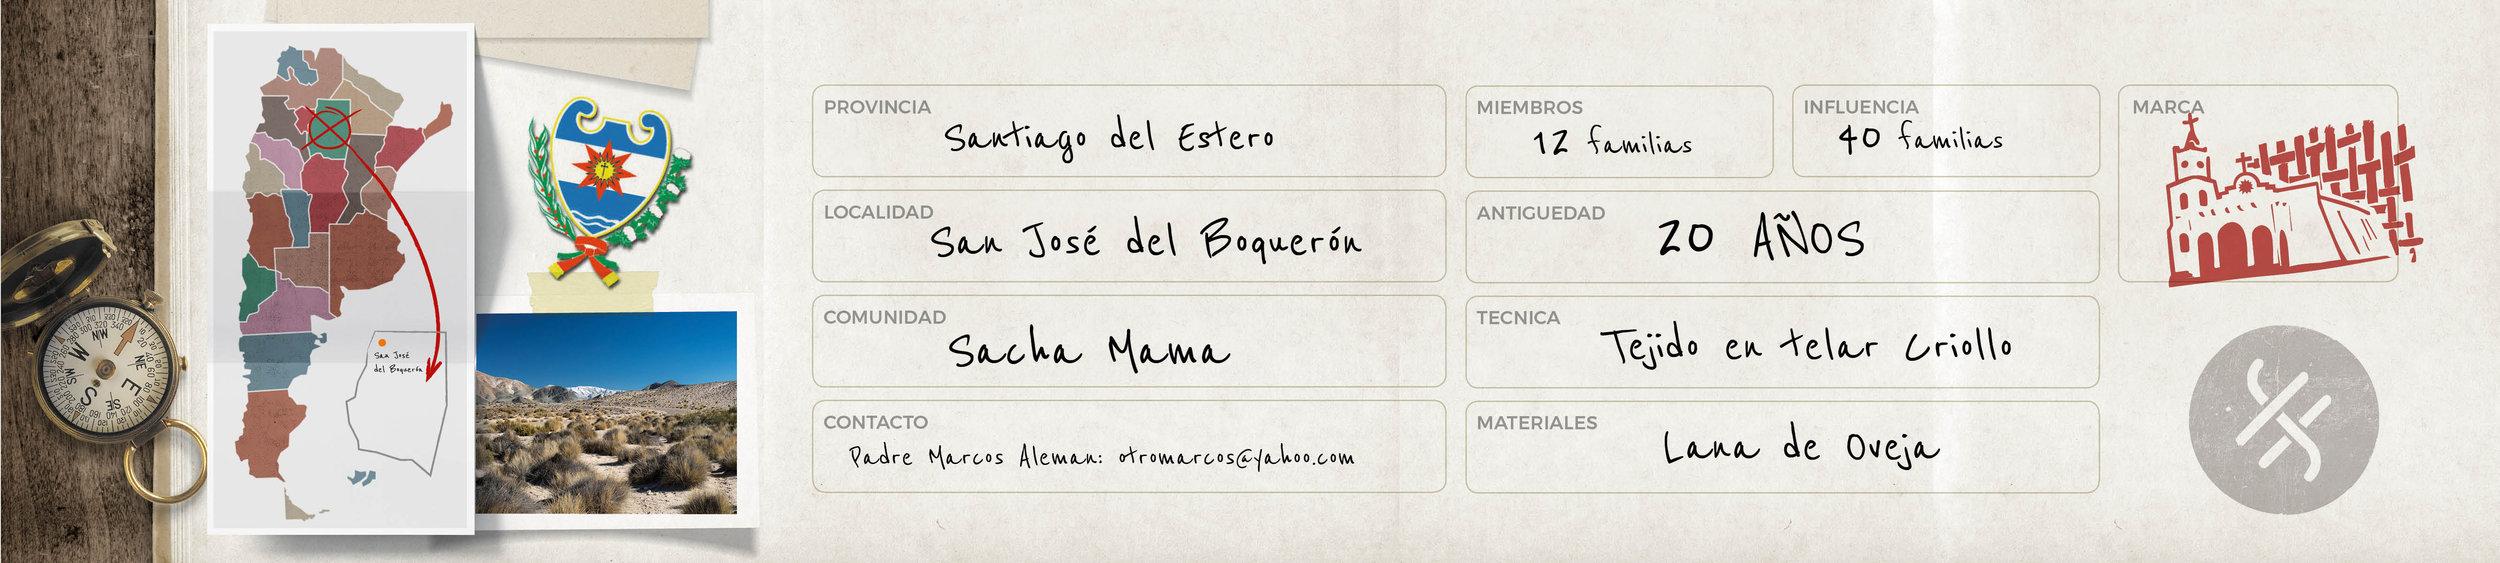 Sacha Mama - Santiago del Estero.jpg